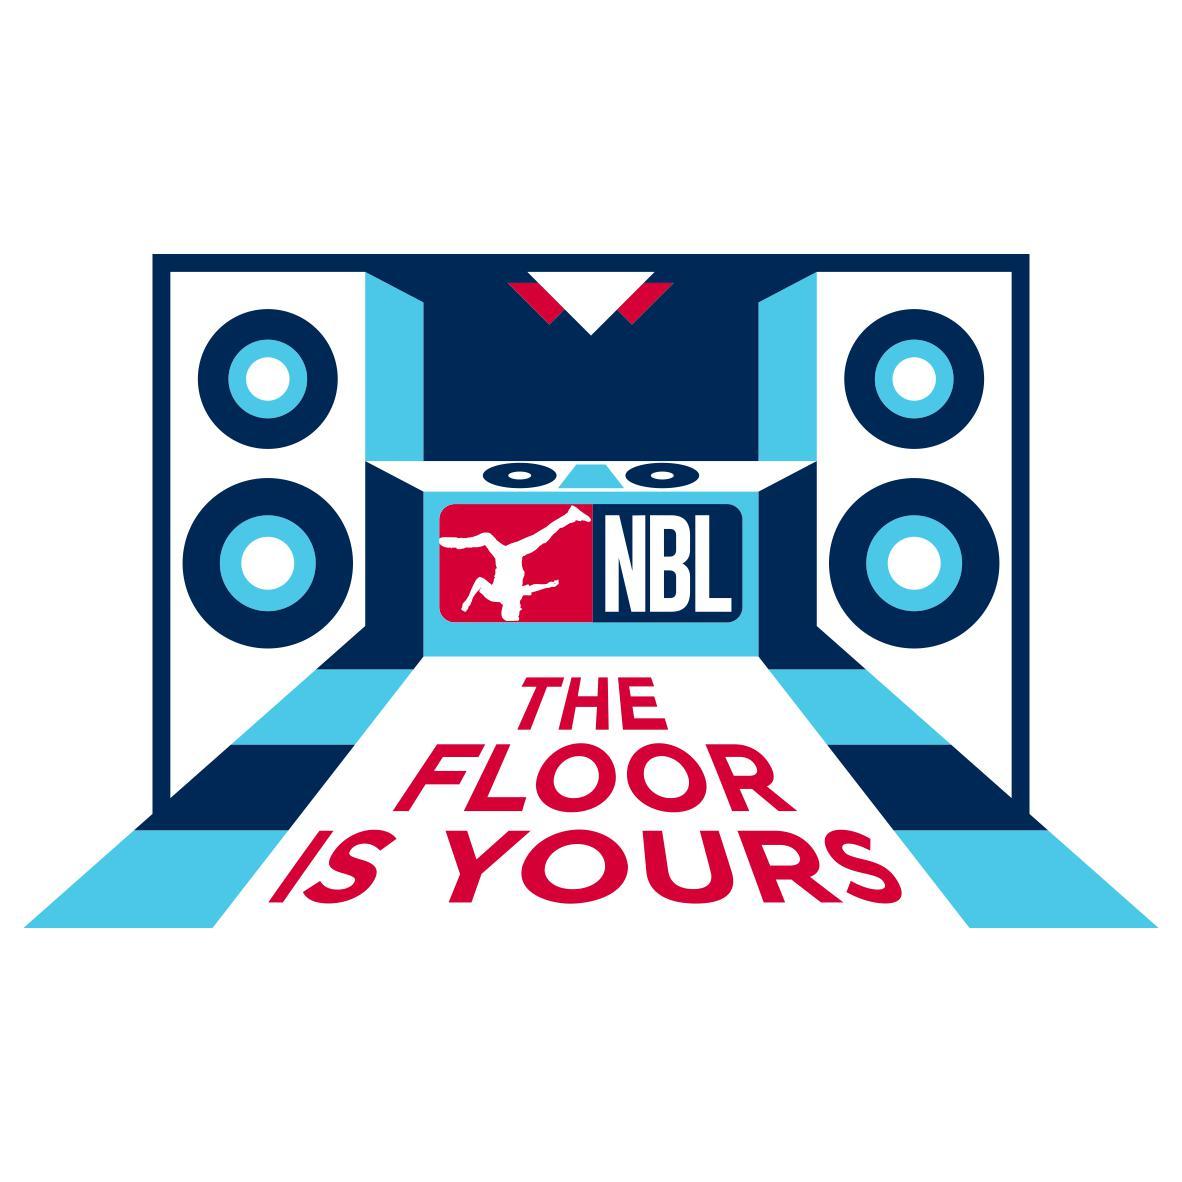 Logo The Floor is Yours